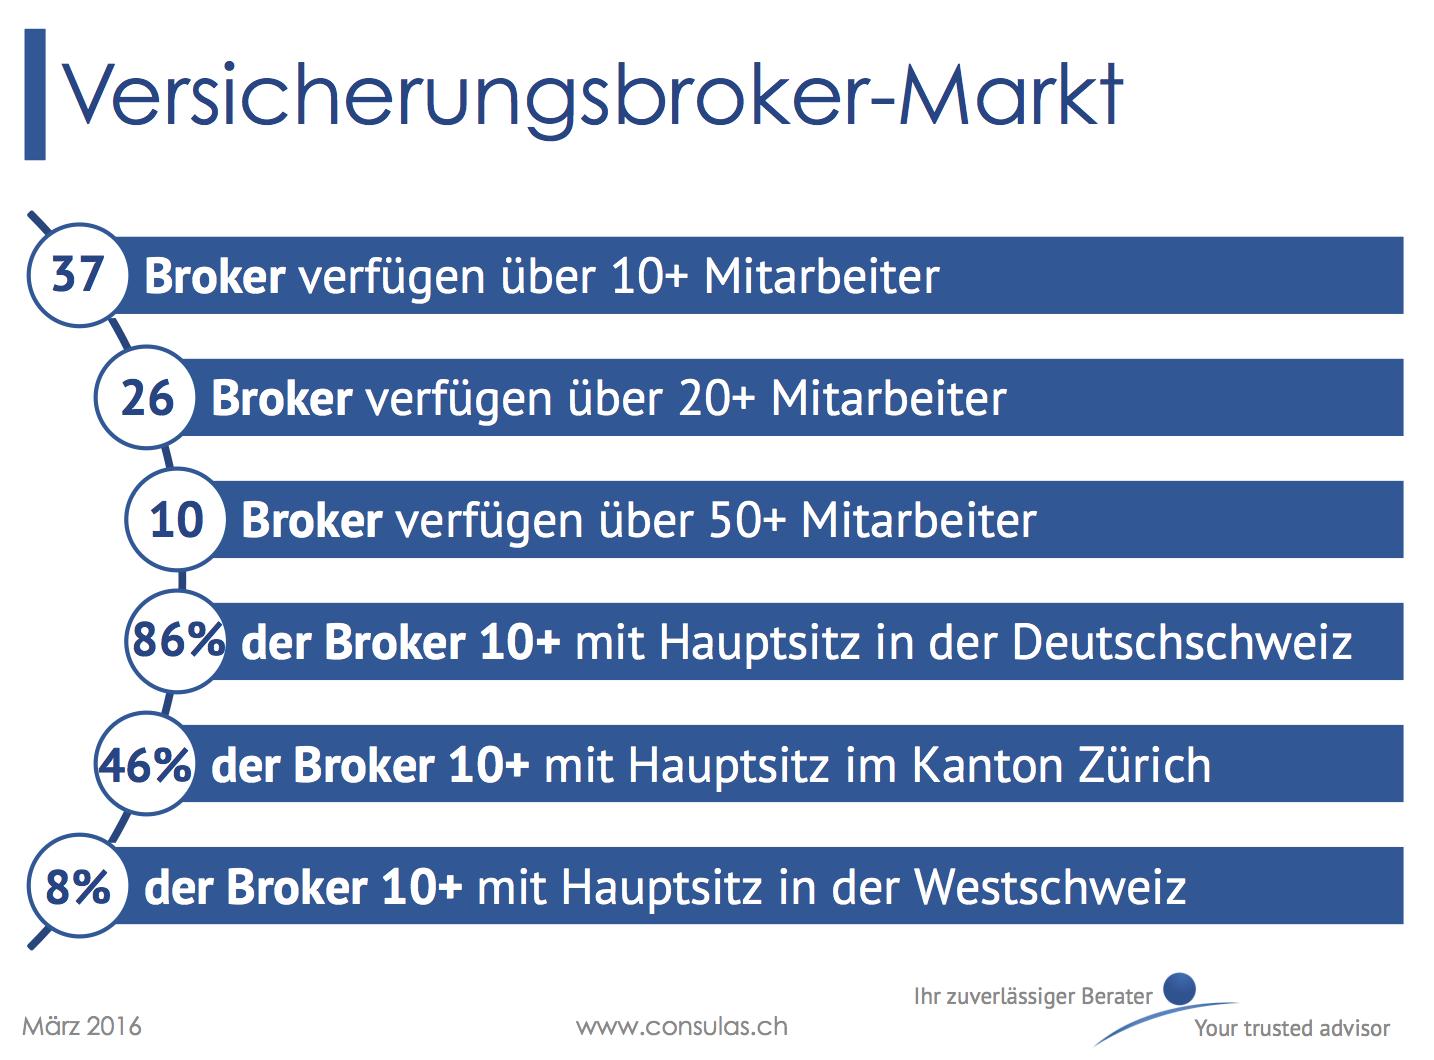 Versicherungsbroker-Markt in der Schweiz 2016